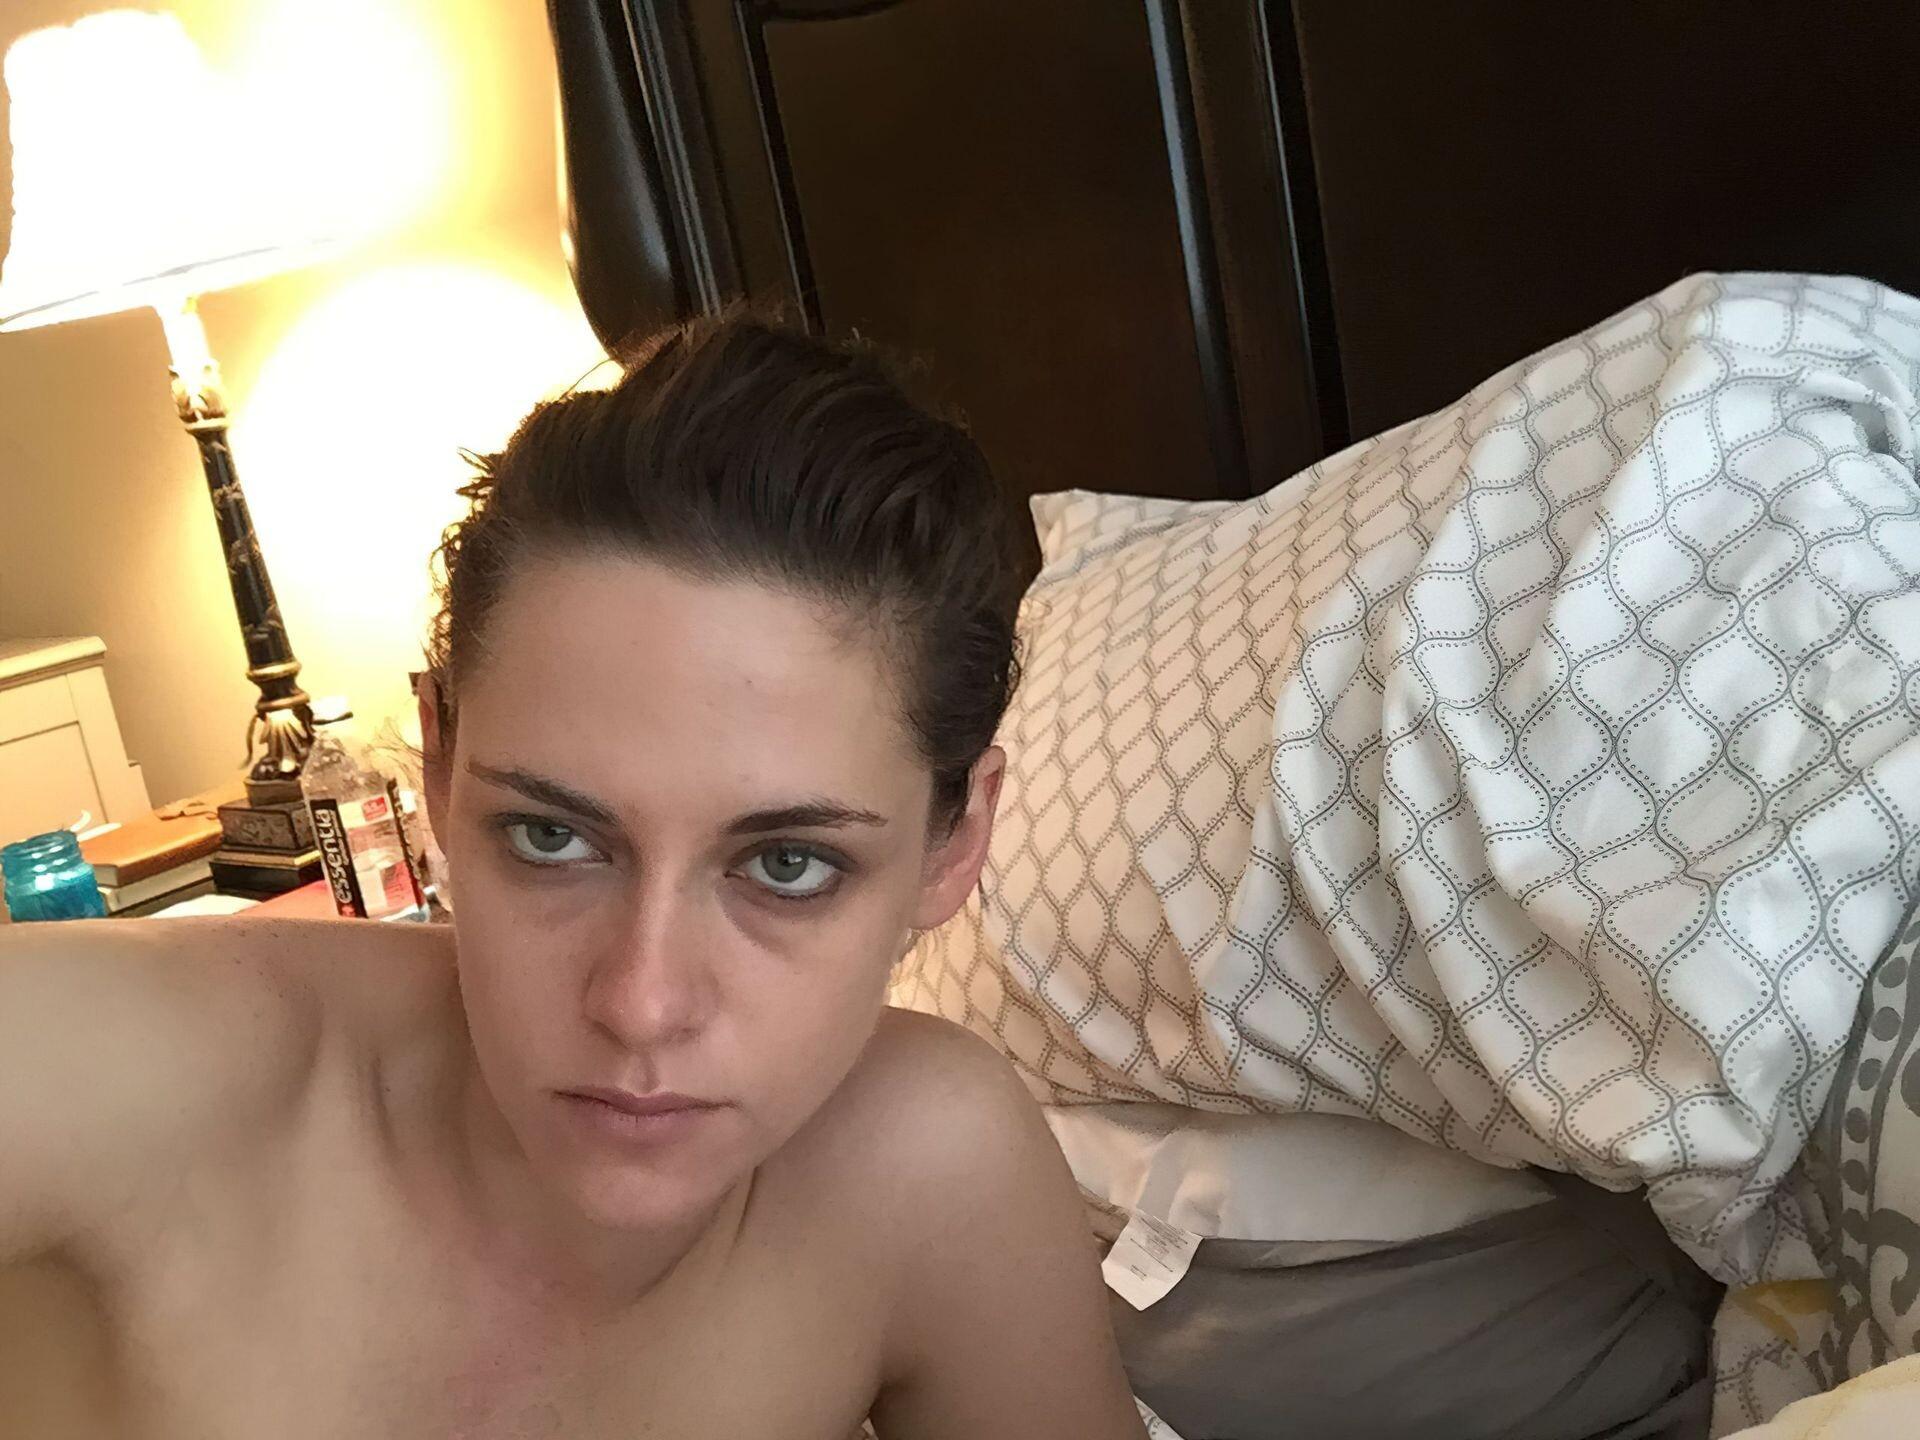 Kristen Stewart Nude Leaked 49 fappenings.com